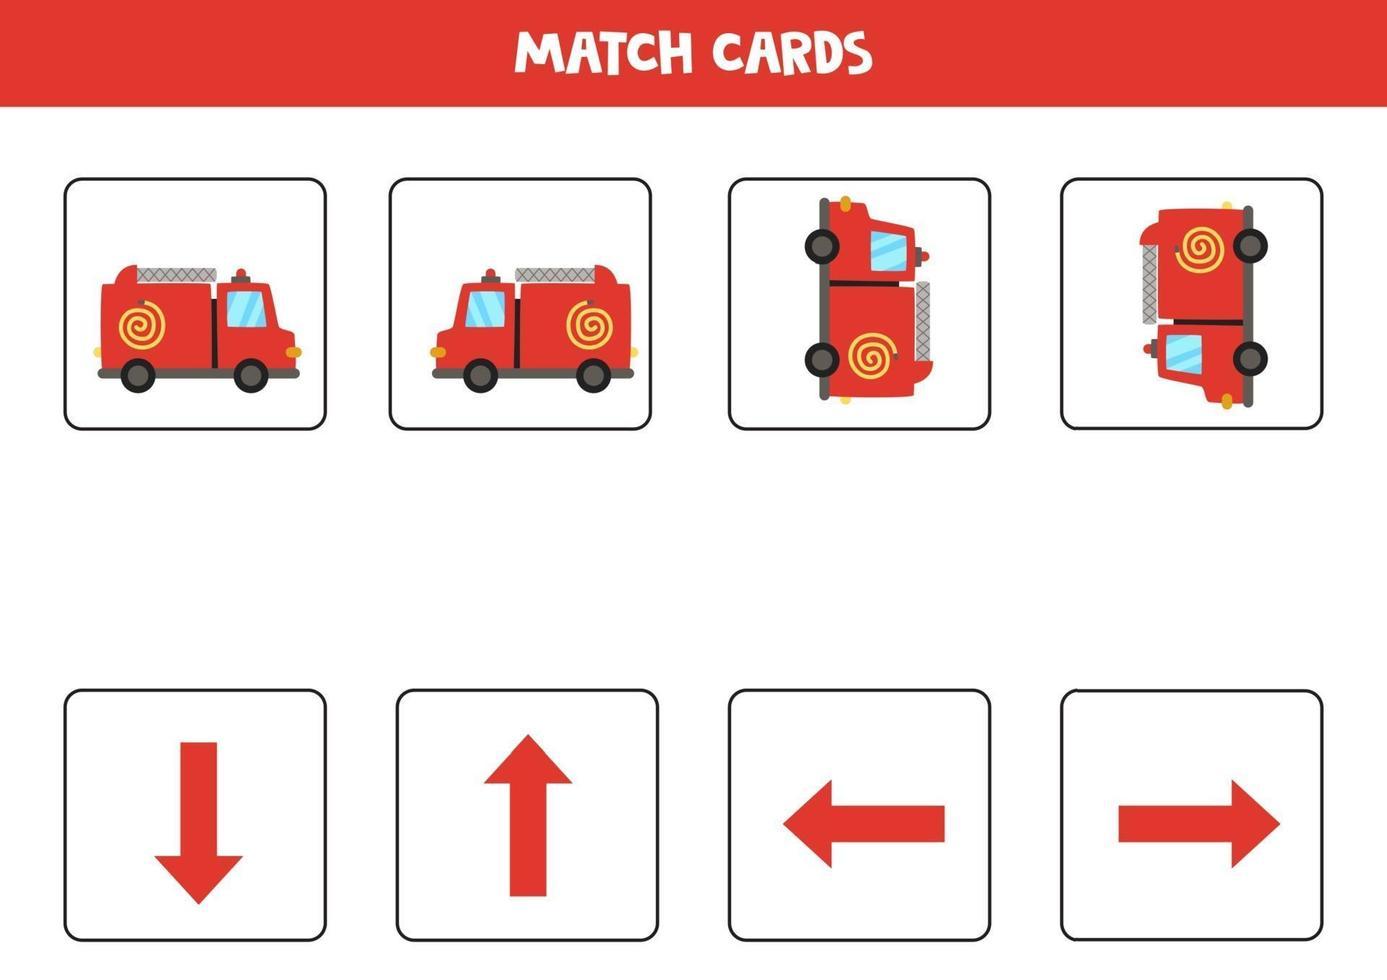 gauche, droite, haut ou bas. orientation spatiale avec camion de pompiers de dessin animé. vecteur